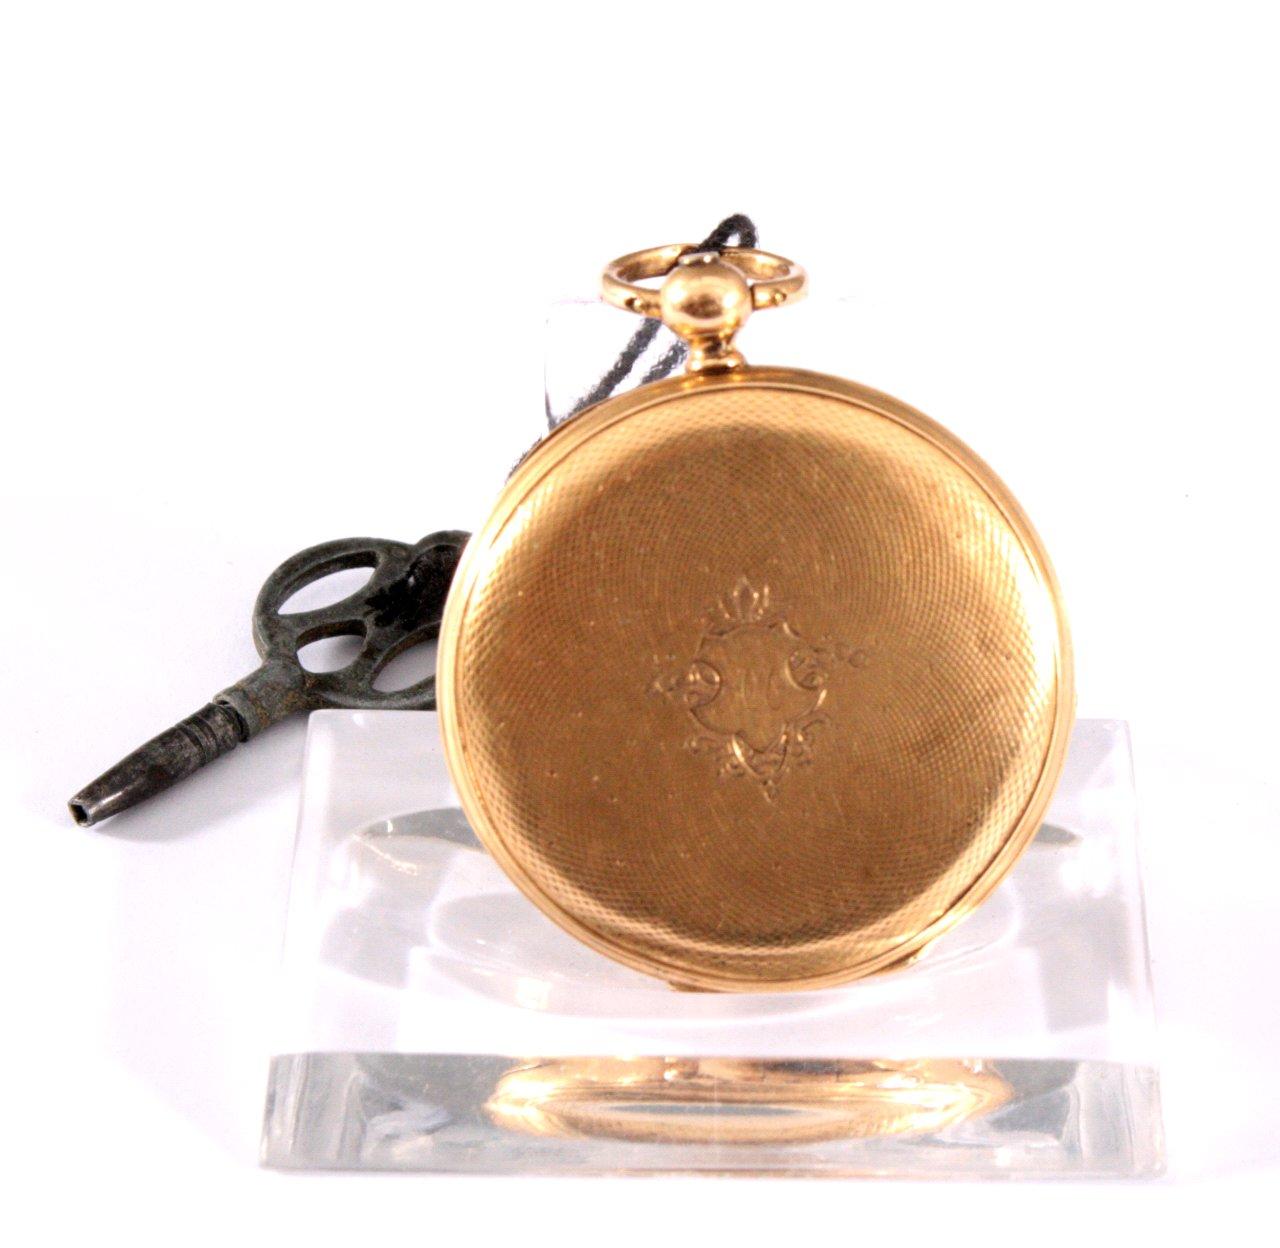 Goldene Damentaschenuhr, 19. Jh.-1